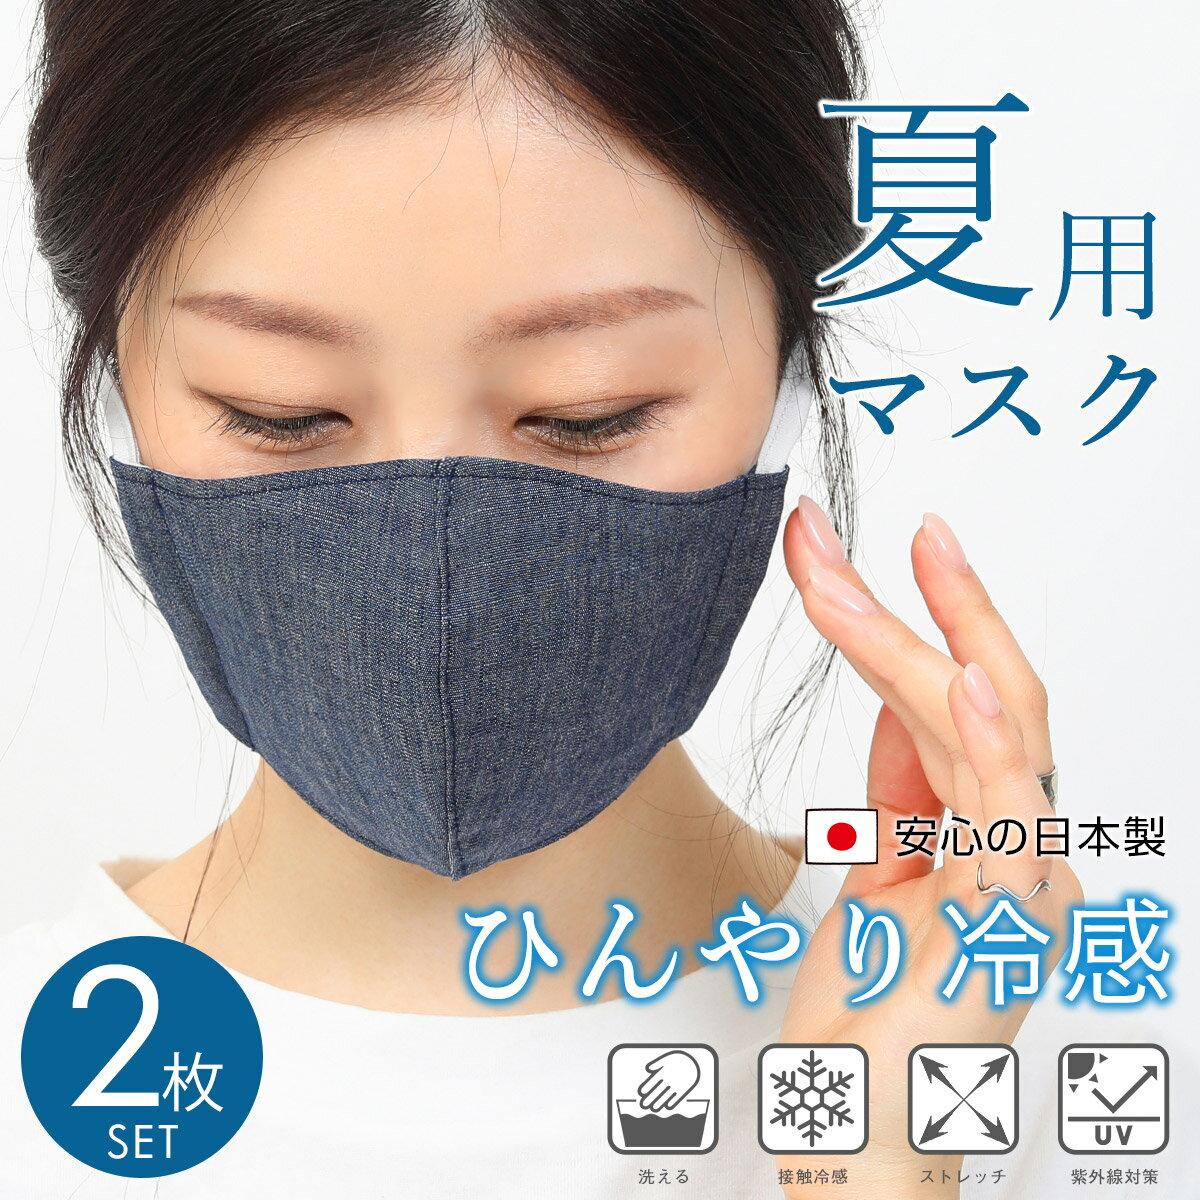 なんでも マスク 通販